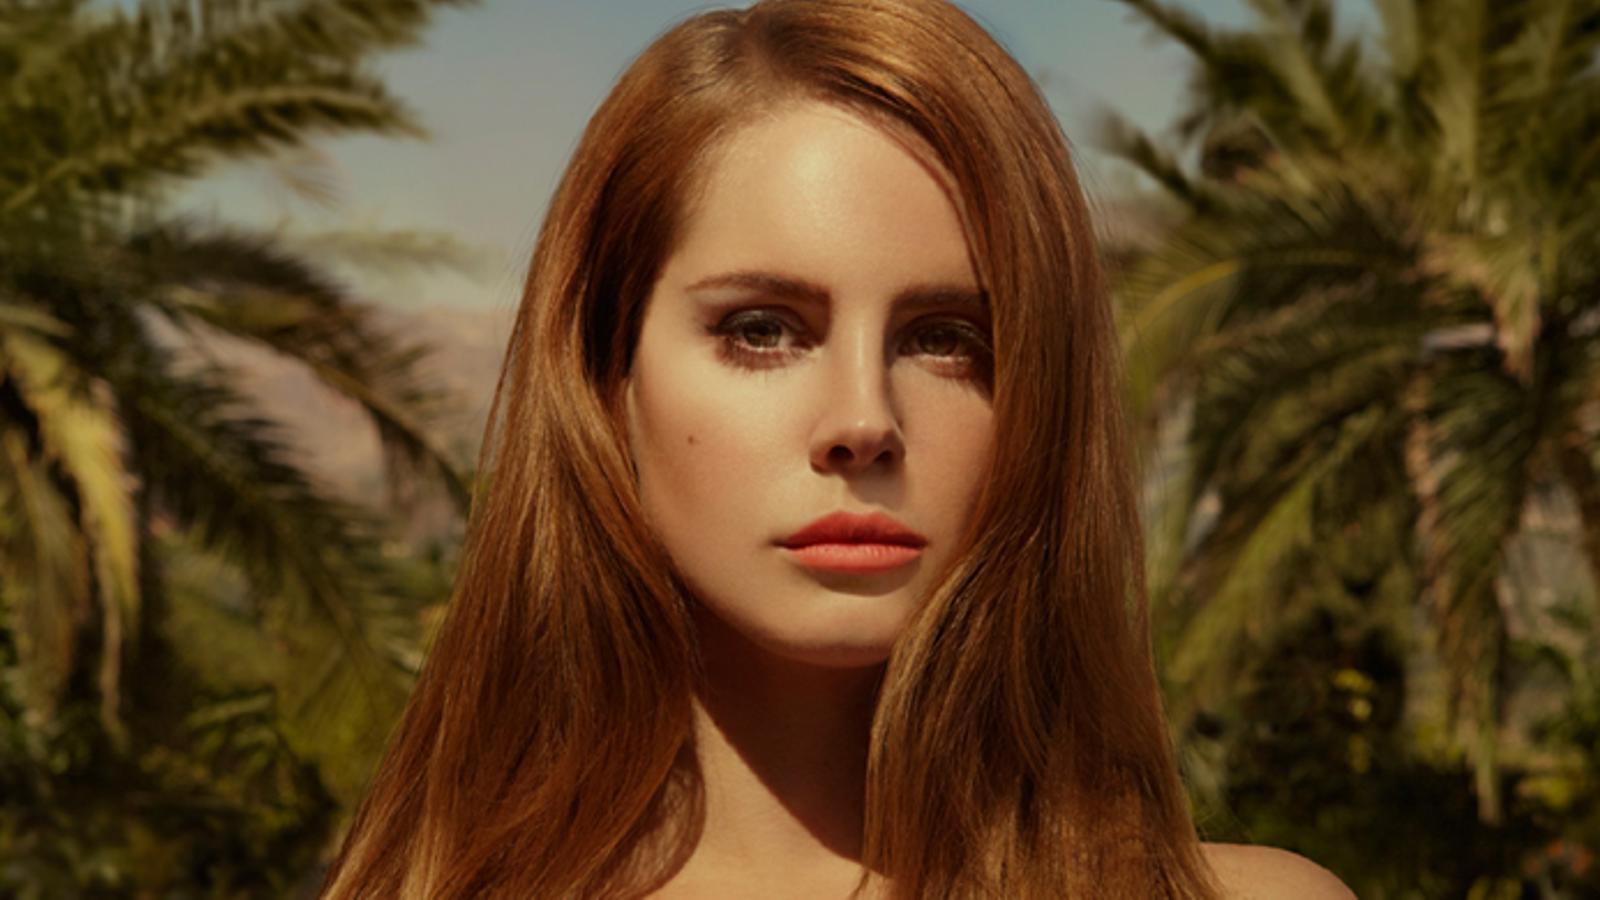 Lana del Rey llança una cançó inspirada en els tirotejos massius dels Estats Units